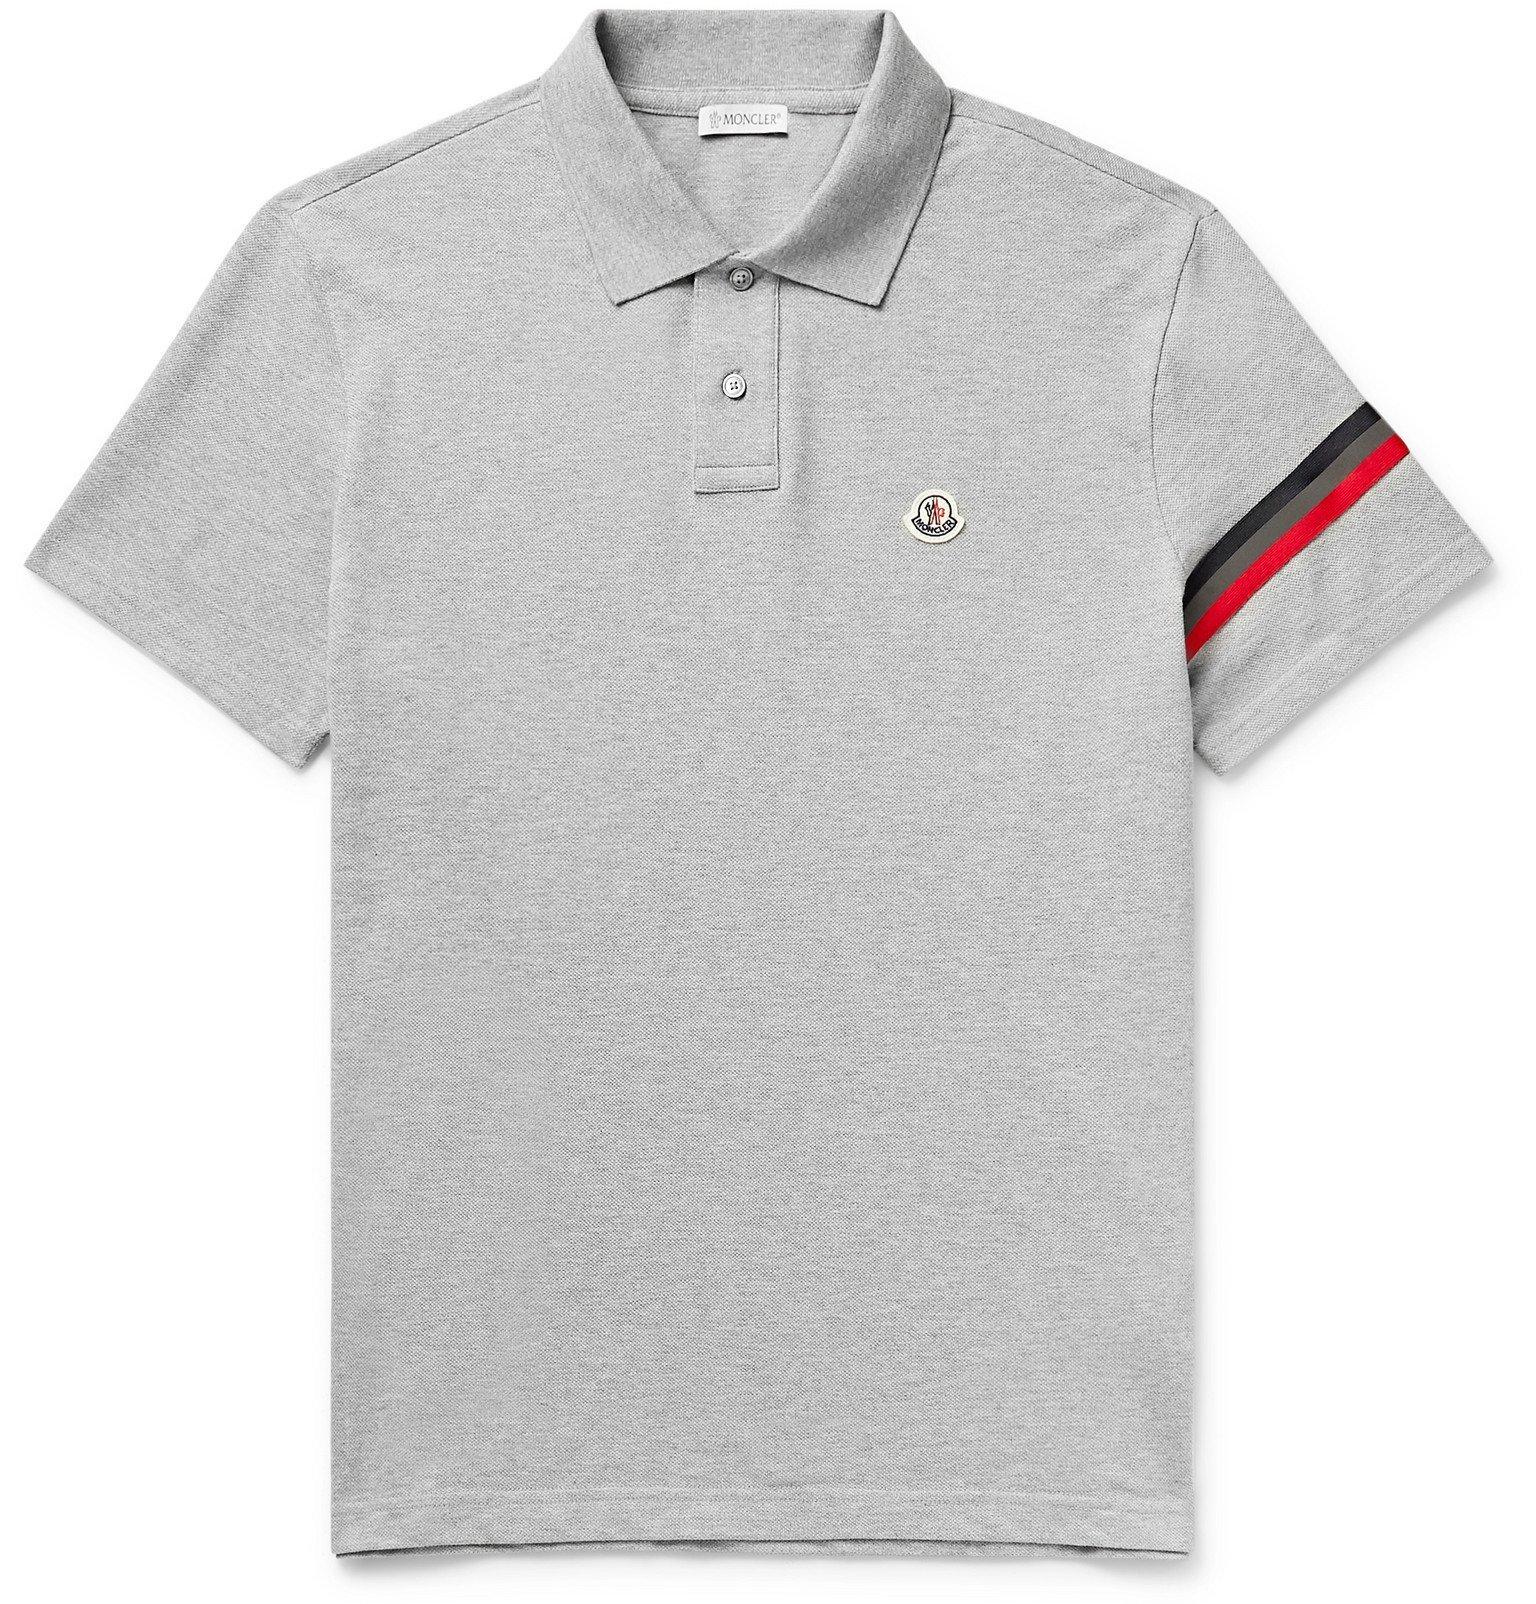 Moncler - Logo-Appliquéd Webbing-Trimmed Cotton-Piqué Polo Shirt - Gray